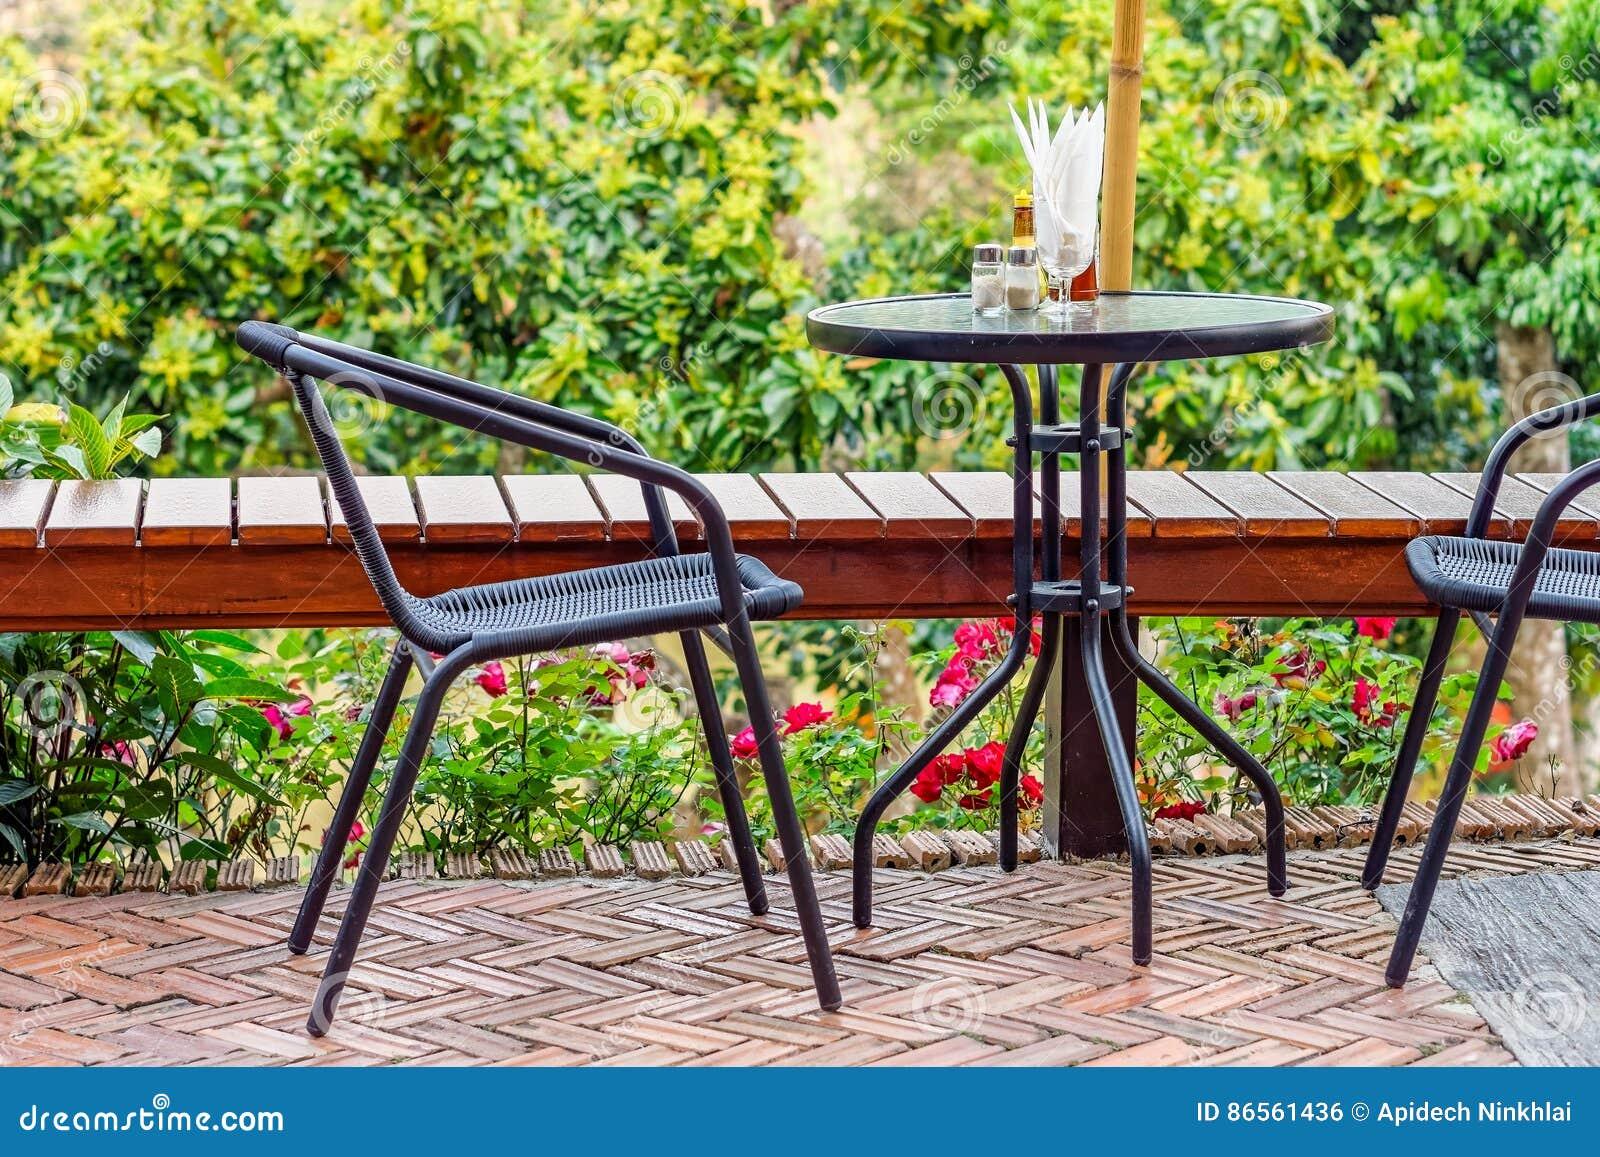 Rieten Ronde Tafel.Moderne Rieten Metaalstoelen En Rondetafel Met Specerijen Stock Foto